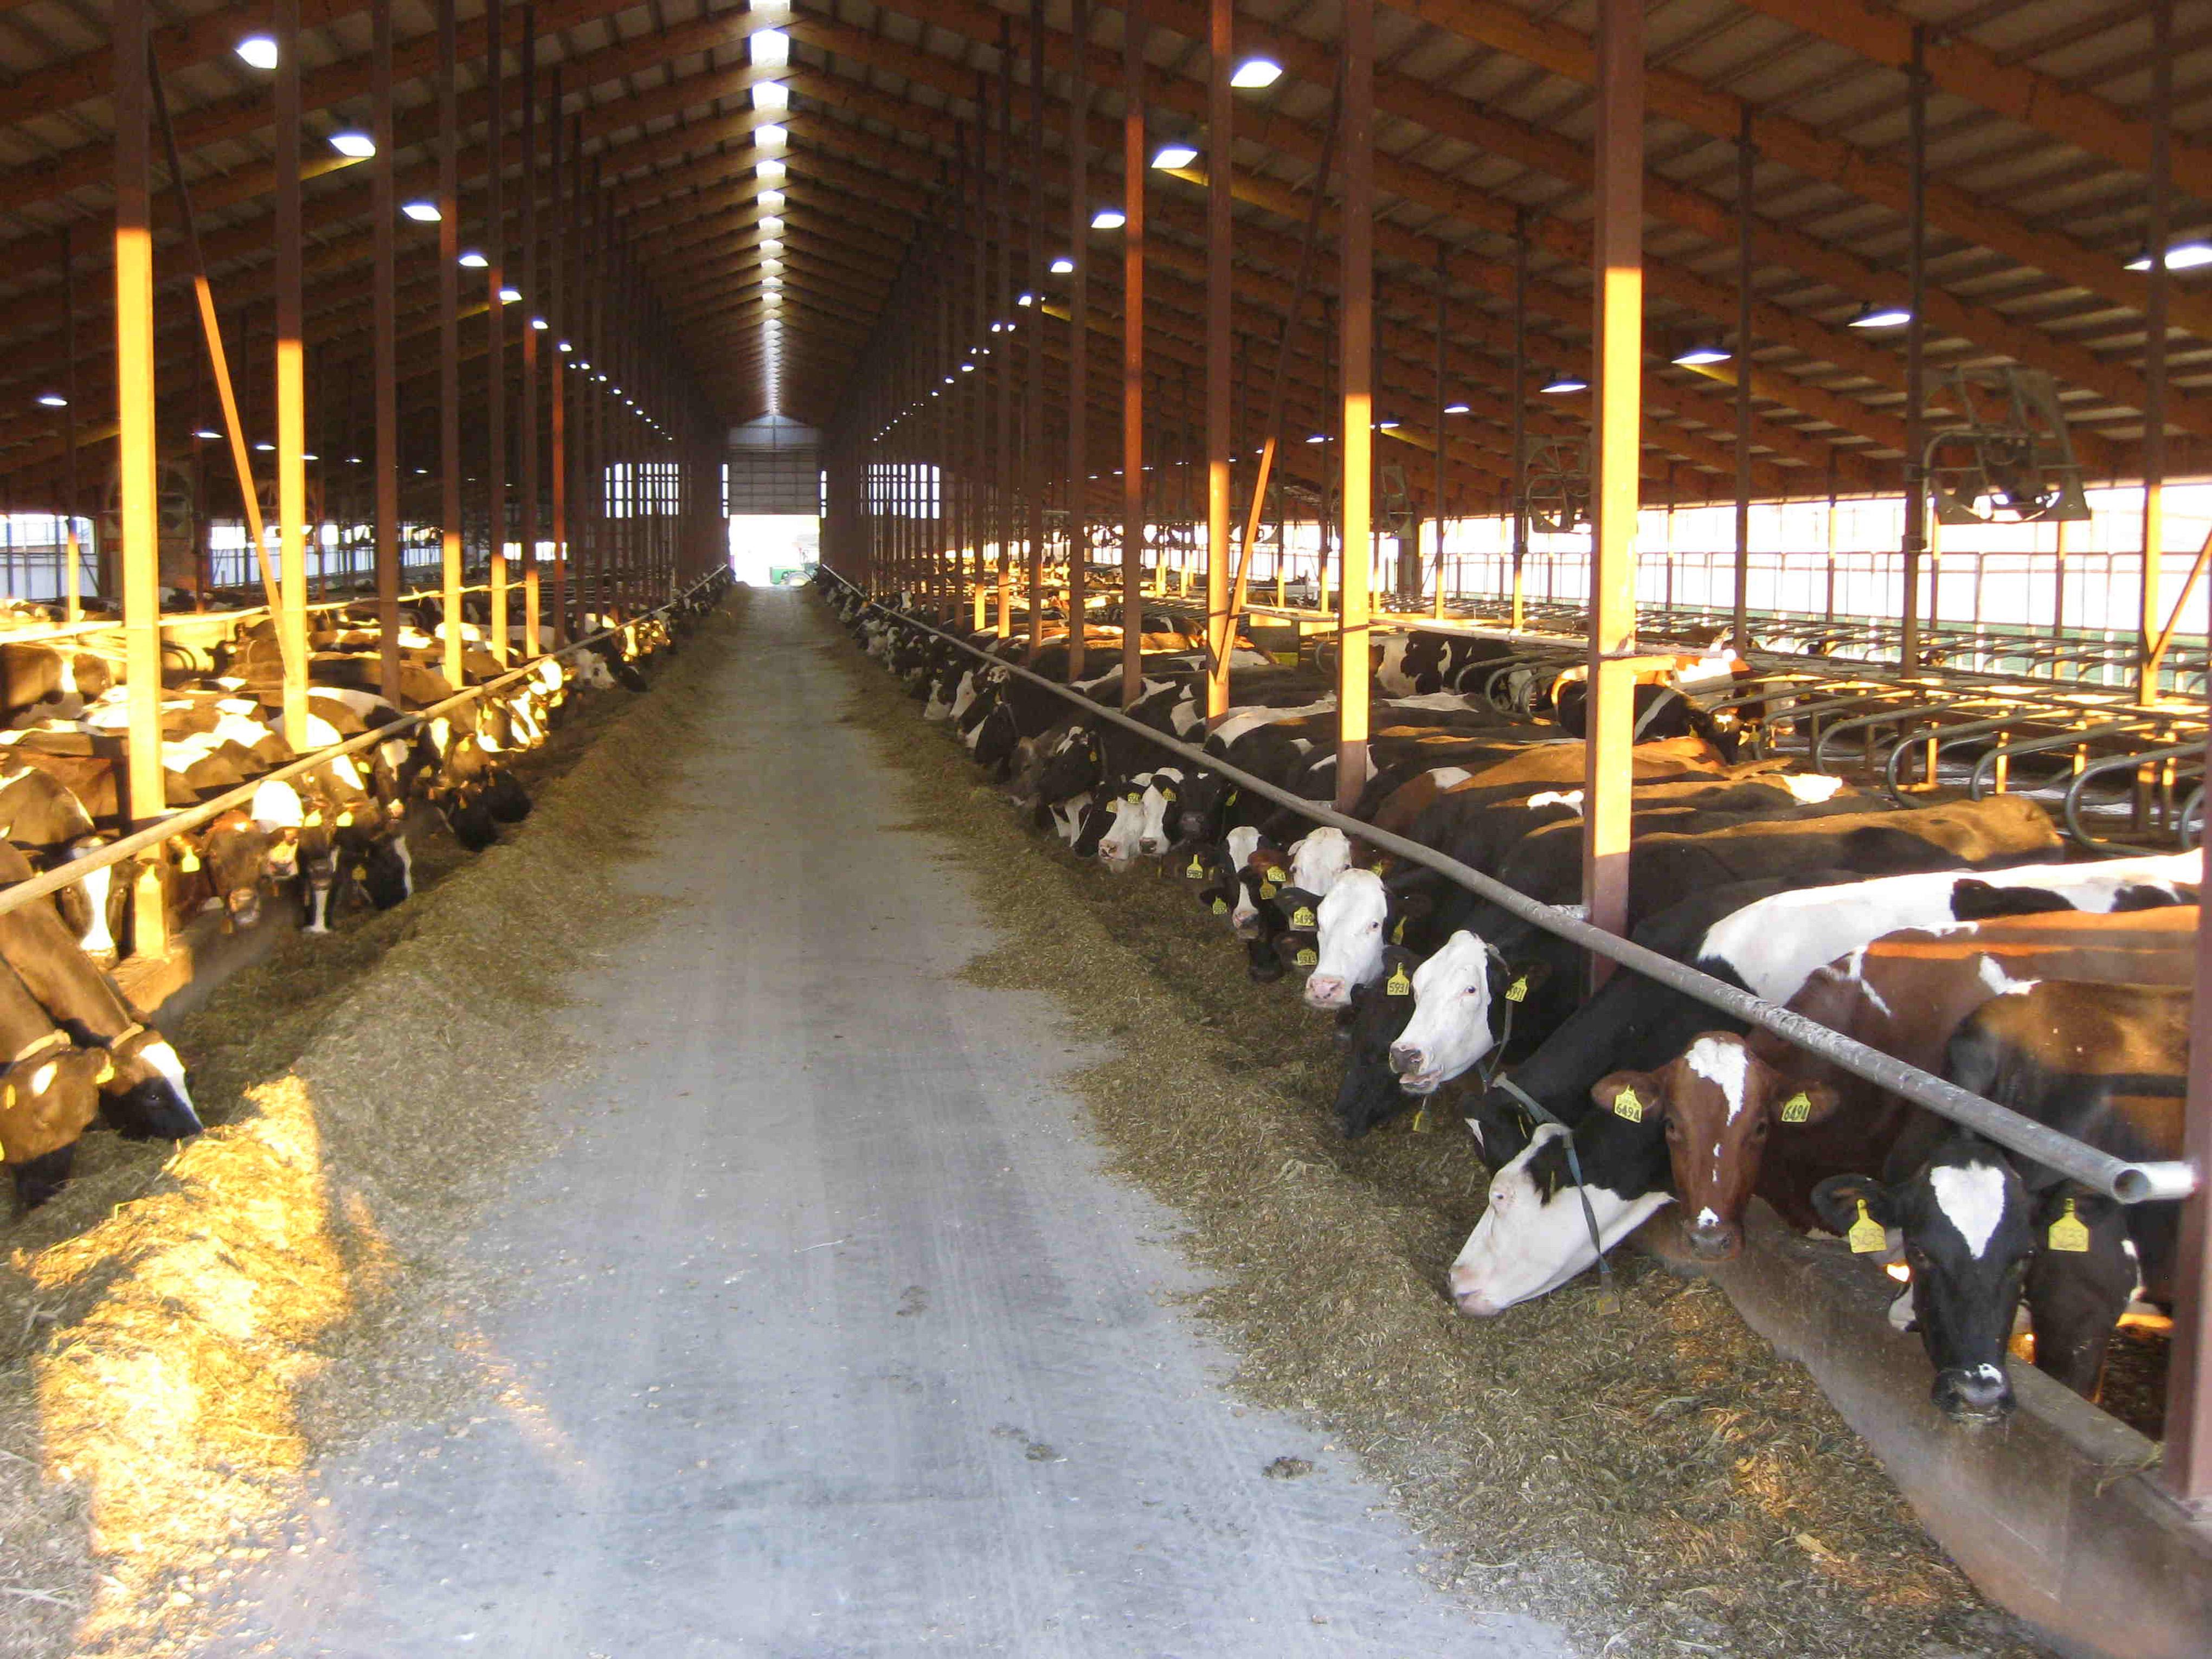 cows-129